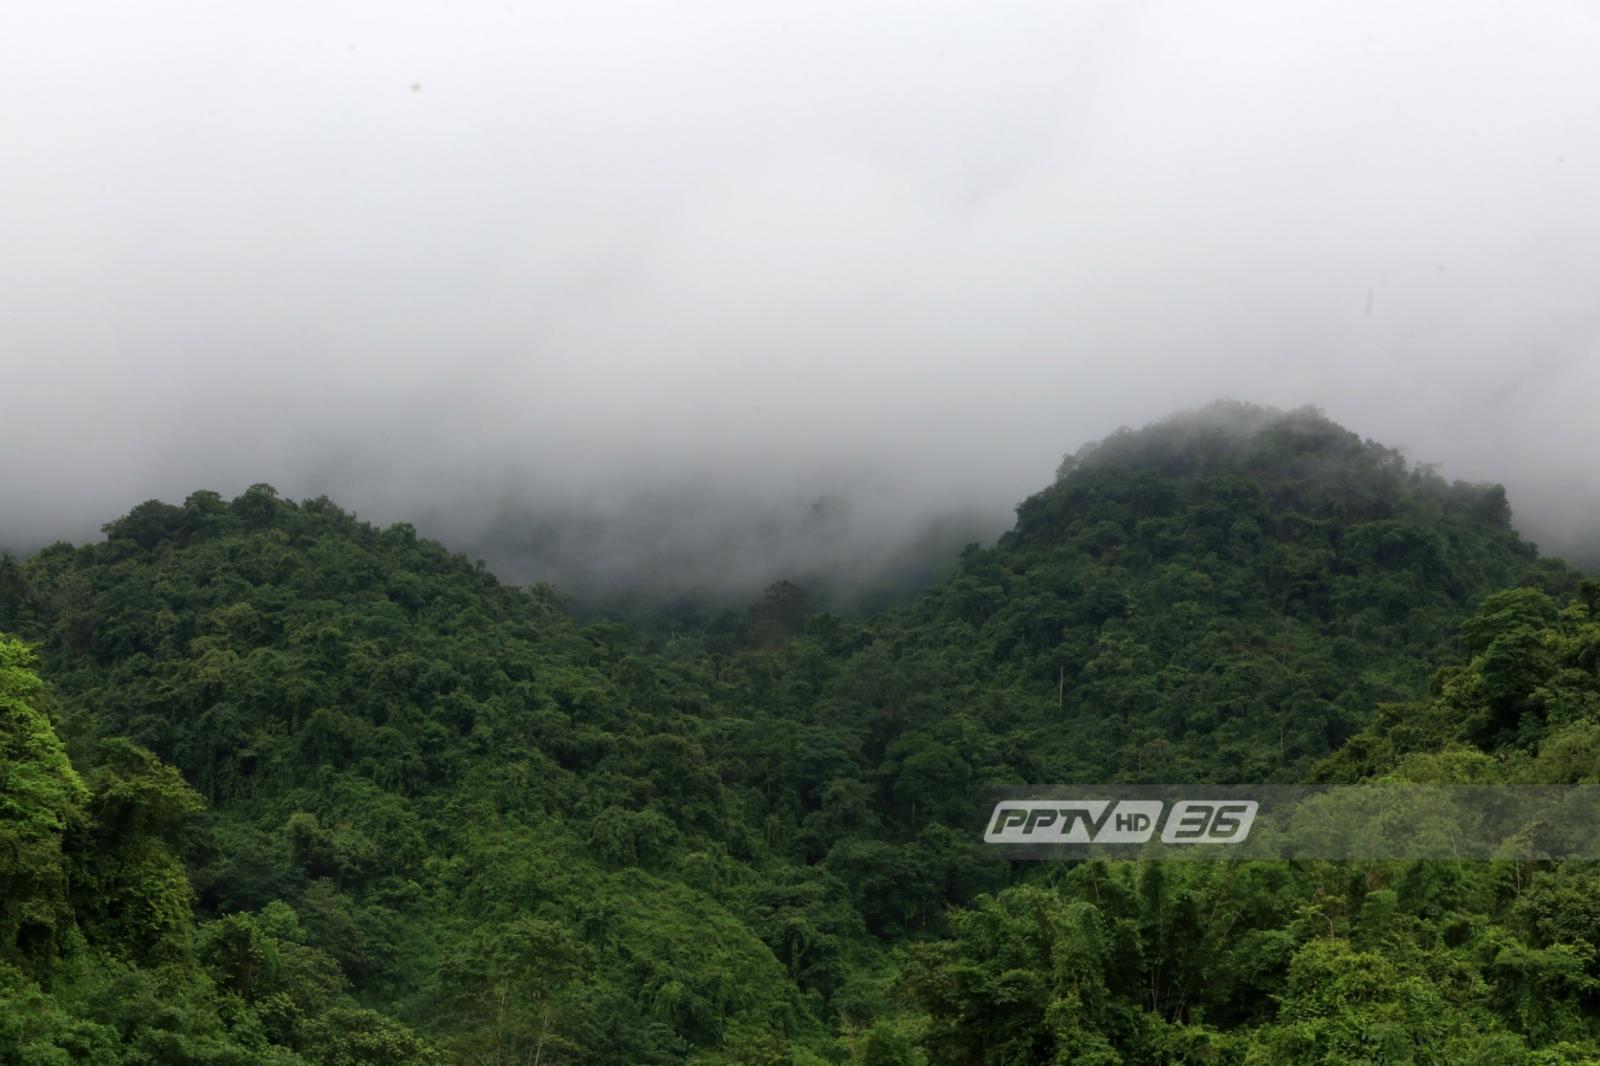 อุตุฯ เผยภาคเหนือมีฝนฟ้าคะนอง ตกหนักบางพื้นที่